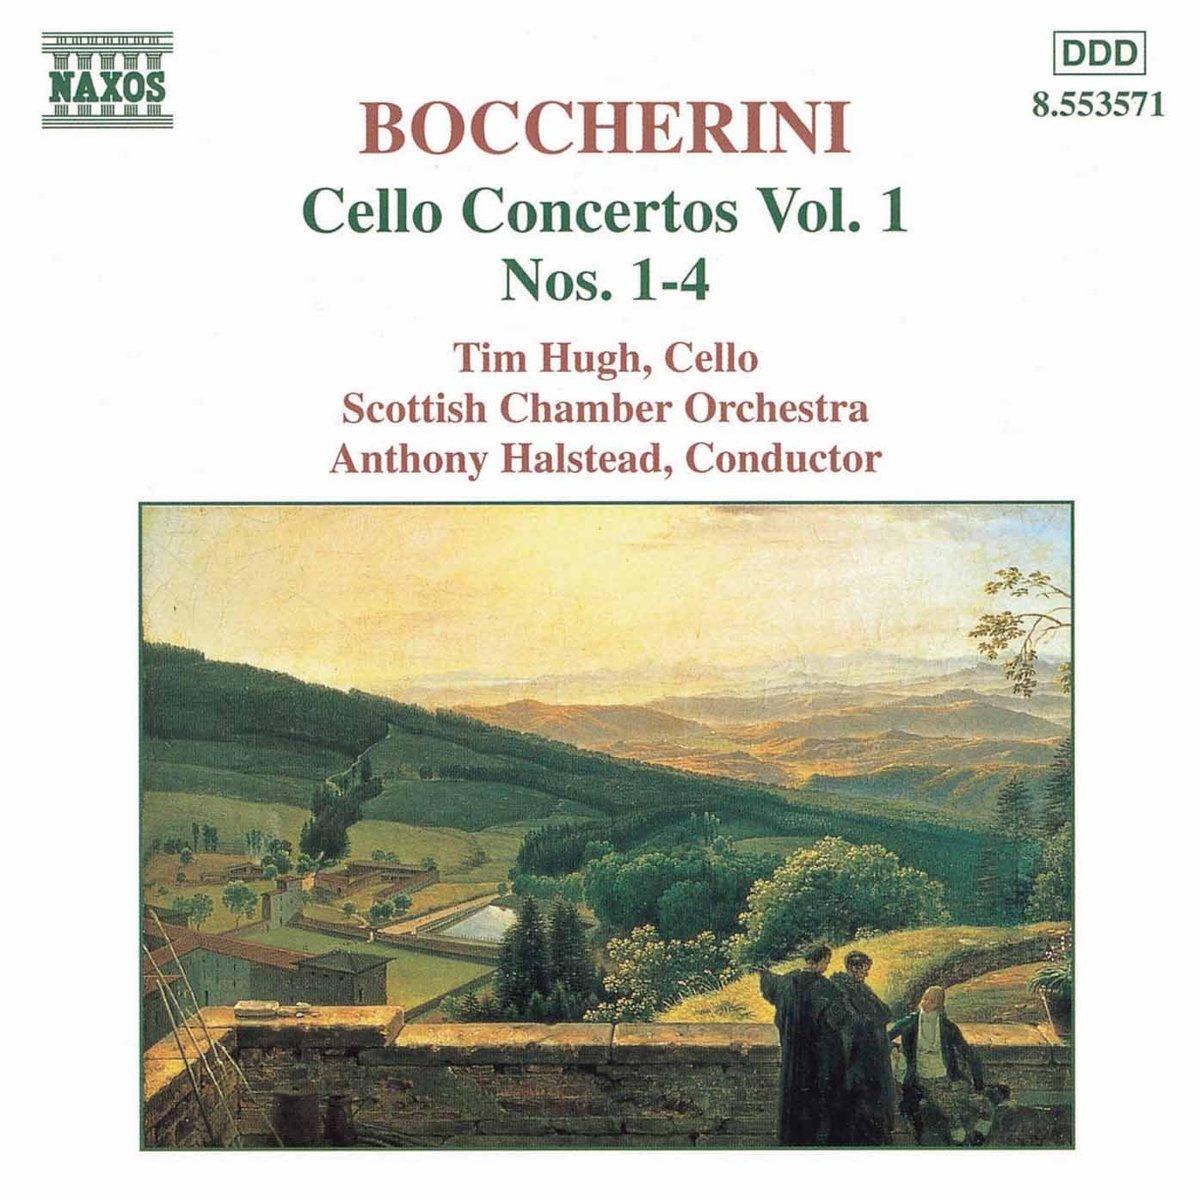 Concierto Para Violonchelo Vol. 1: Tim Hugh Vlc, Luigi Boccherini: Amazon.es: Música